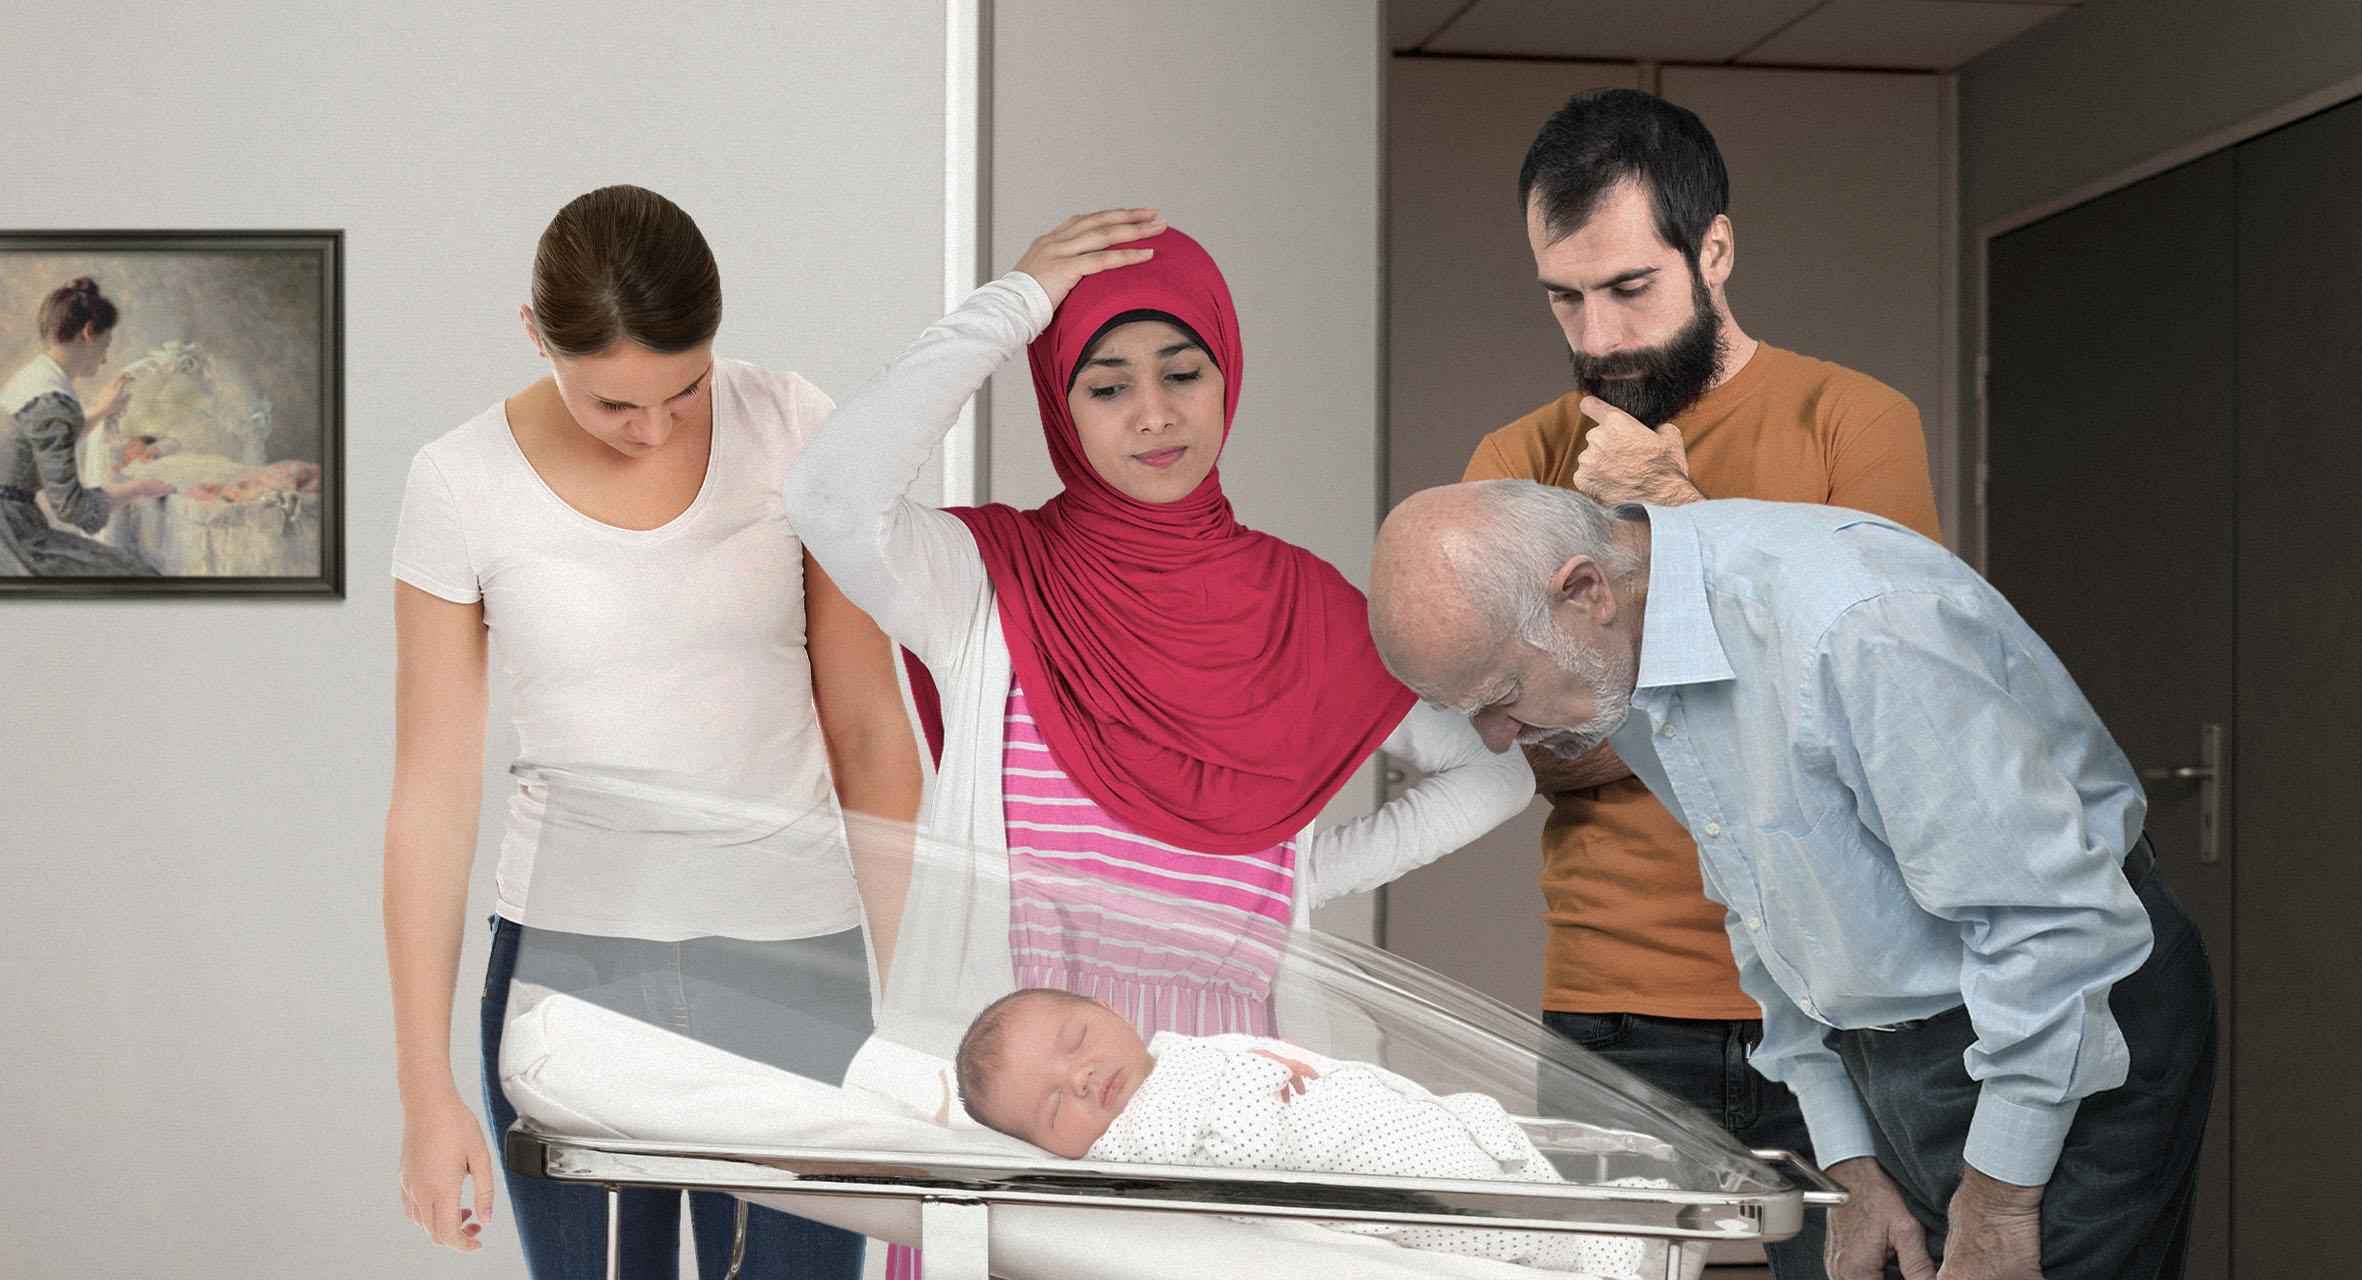 صورة ولادة طفل لم يُعرَف من يشبه عند ولادته